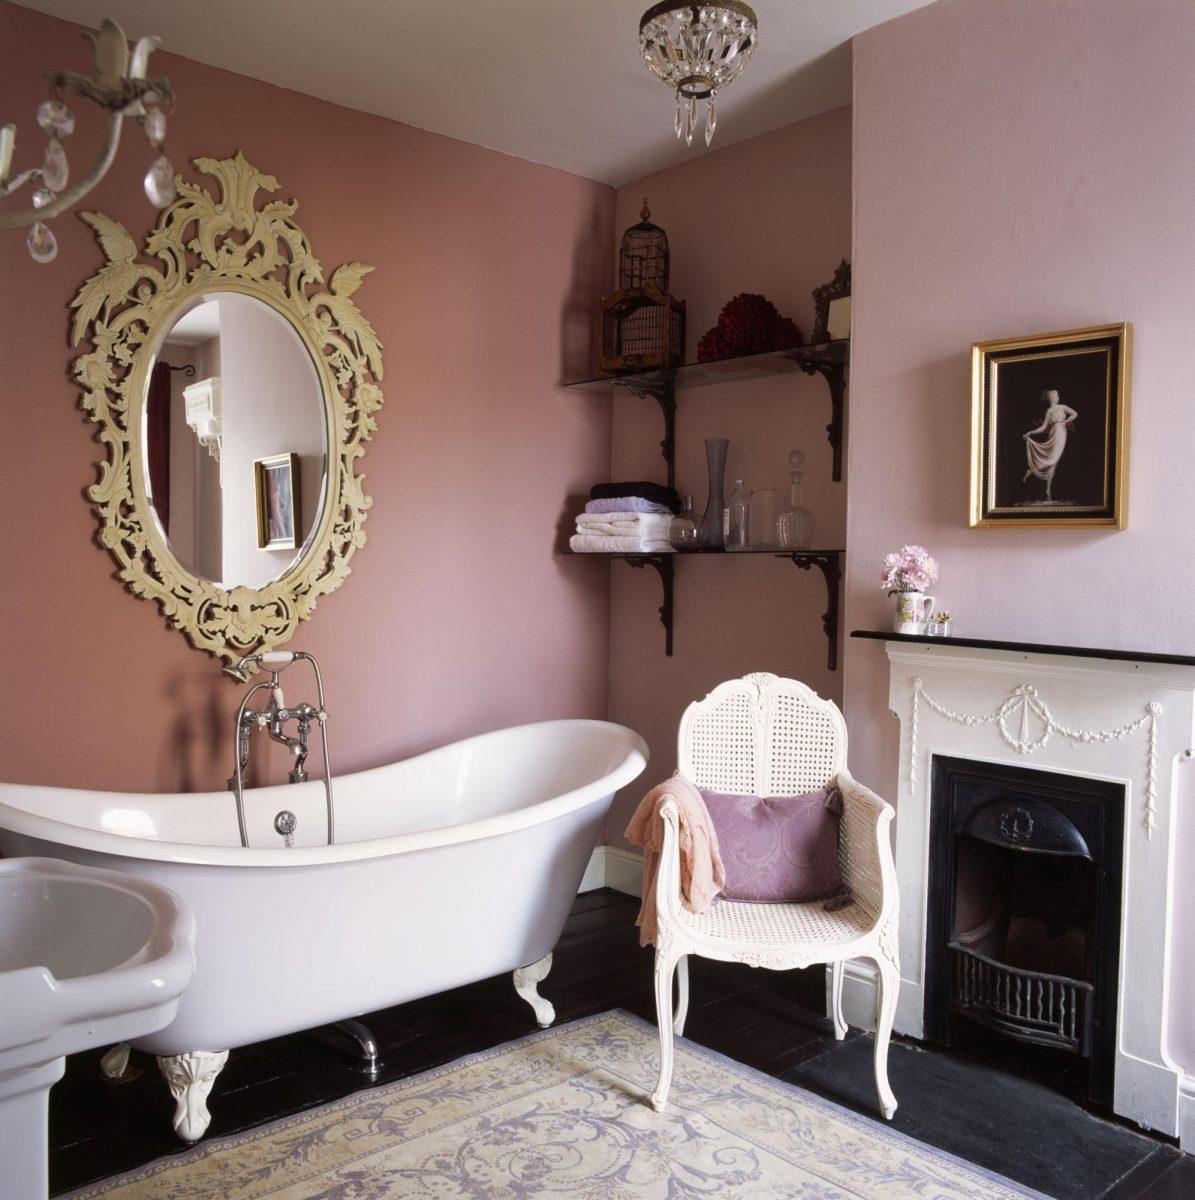 Sladký relax vrůžové koupelně